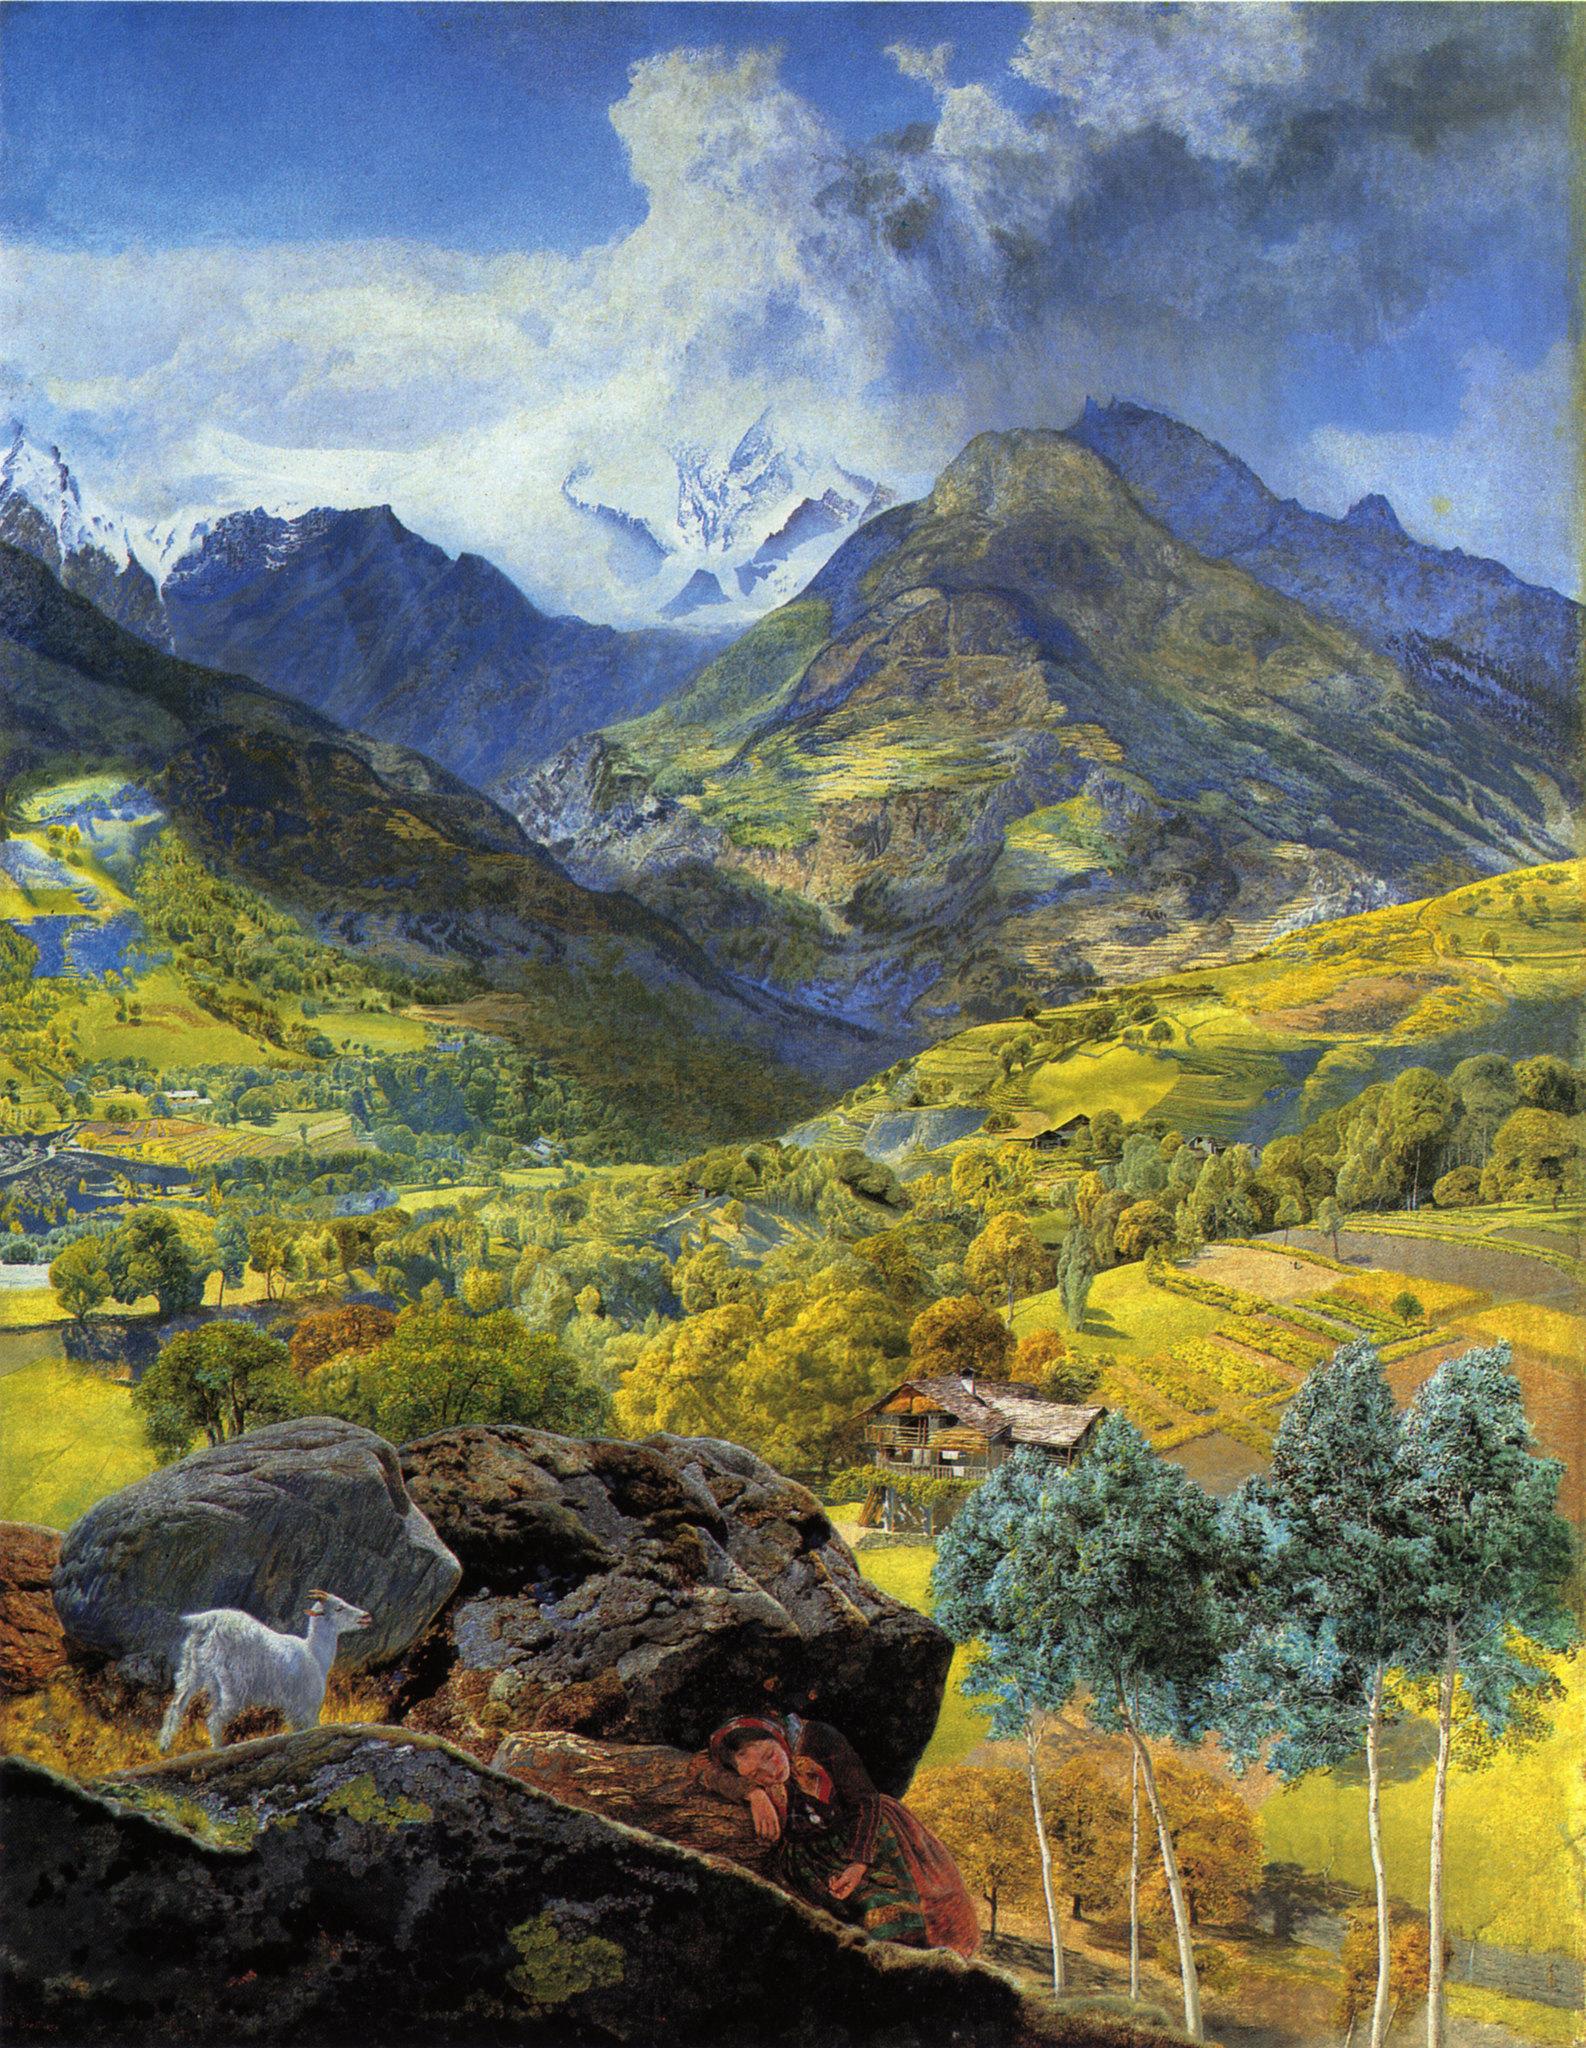 John Brett Val d'Aosta 1858